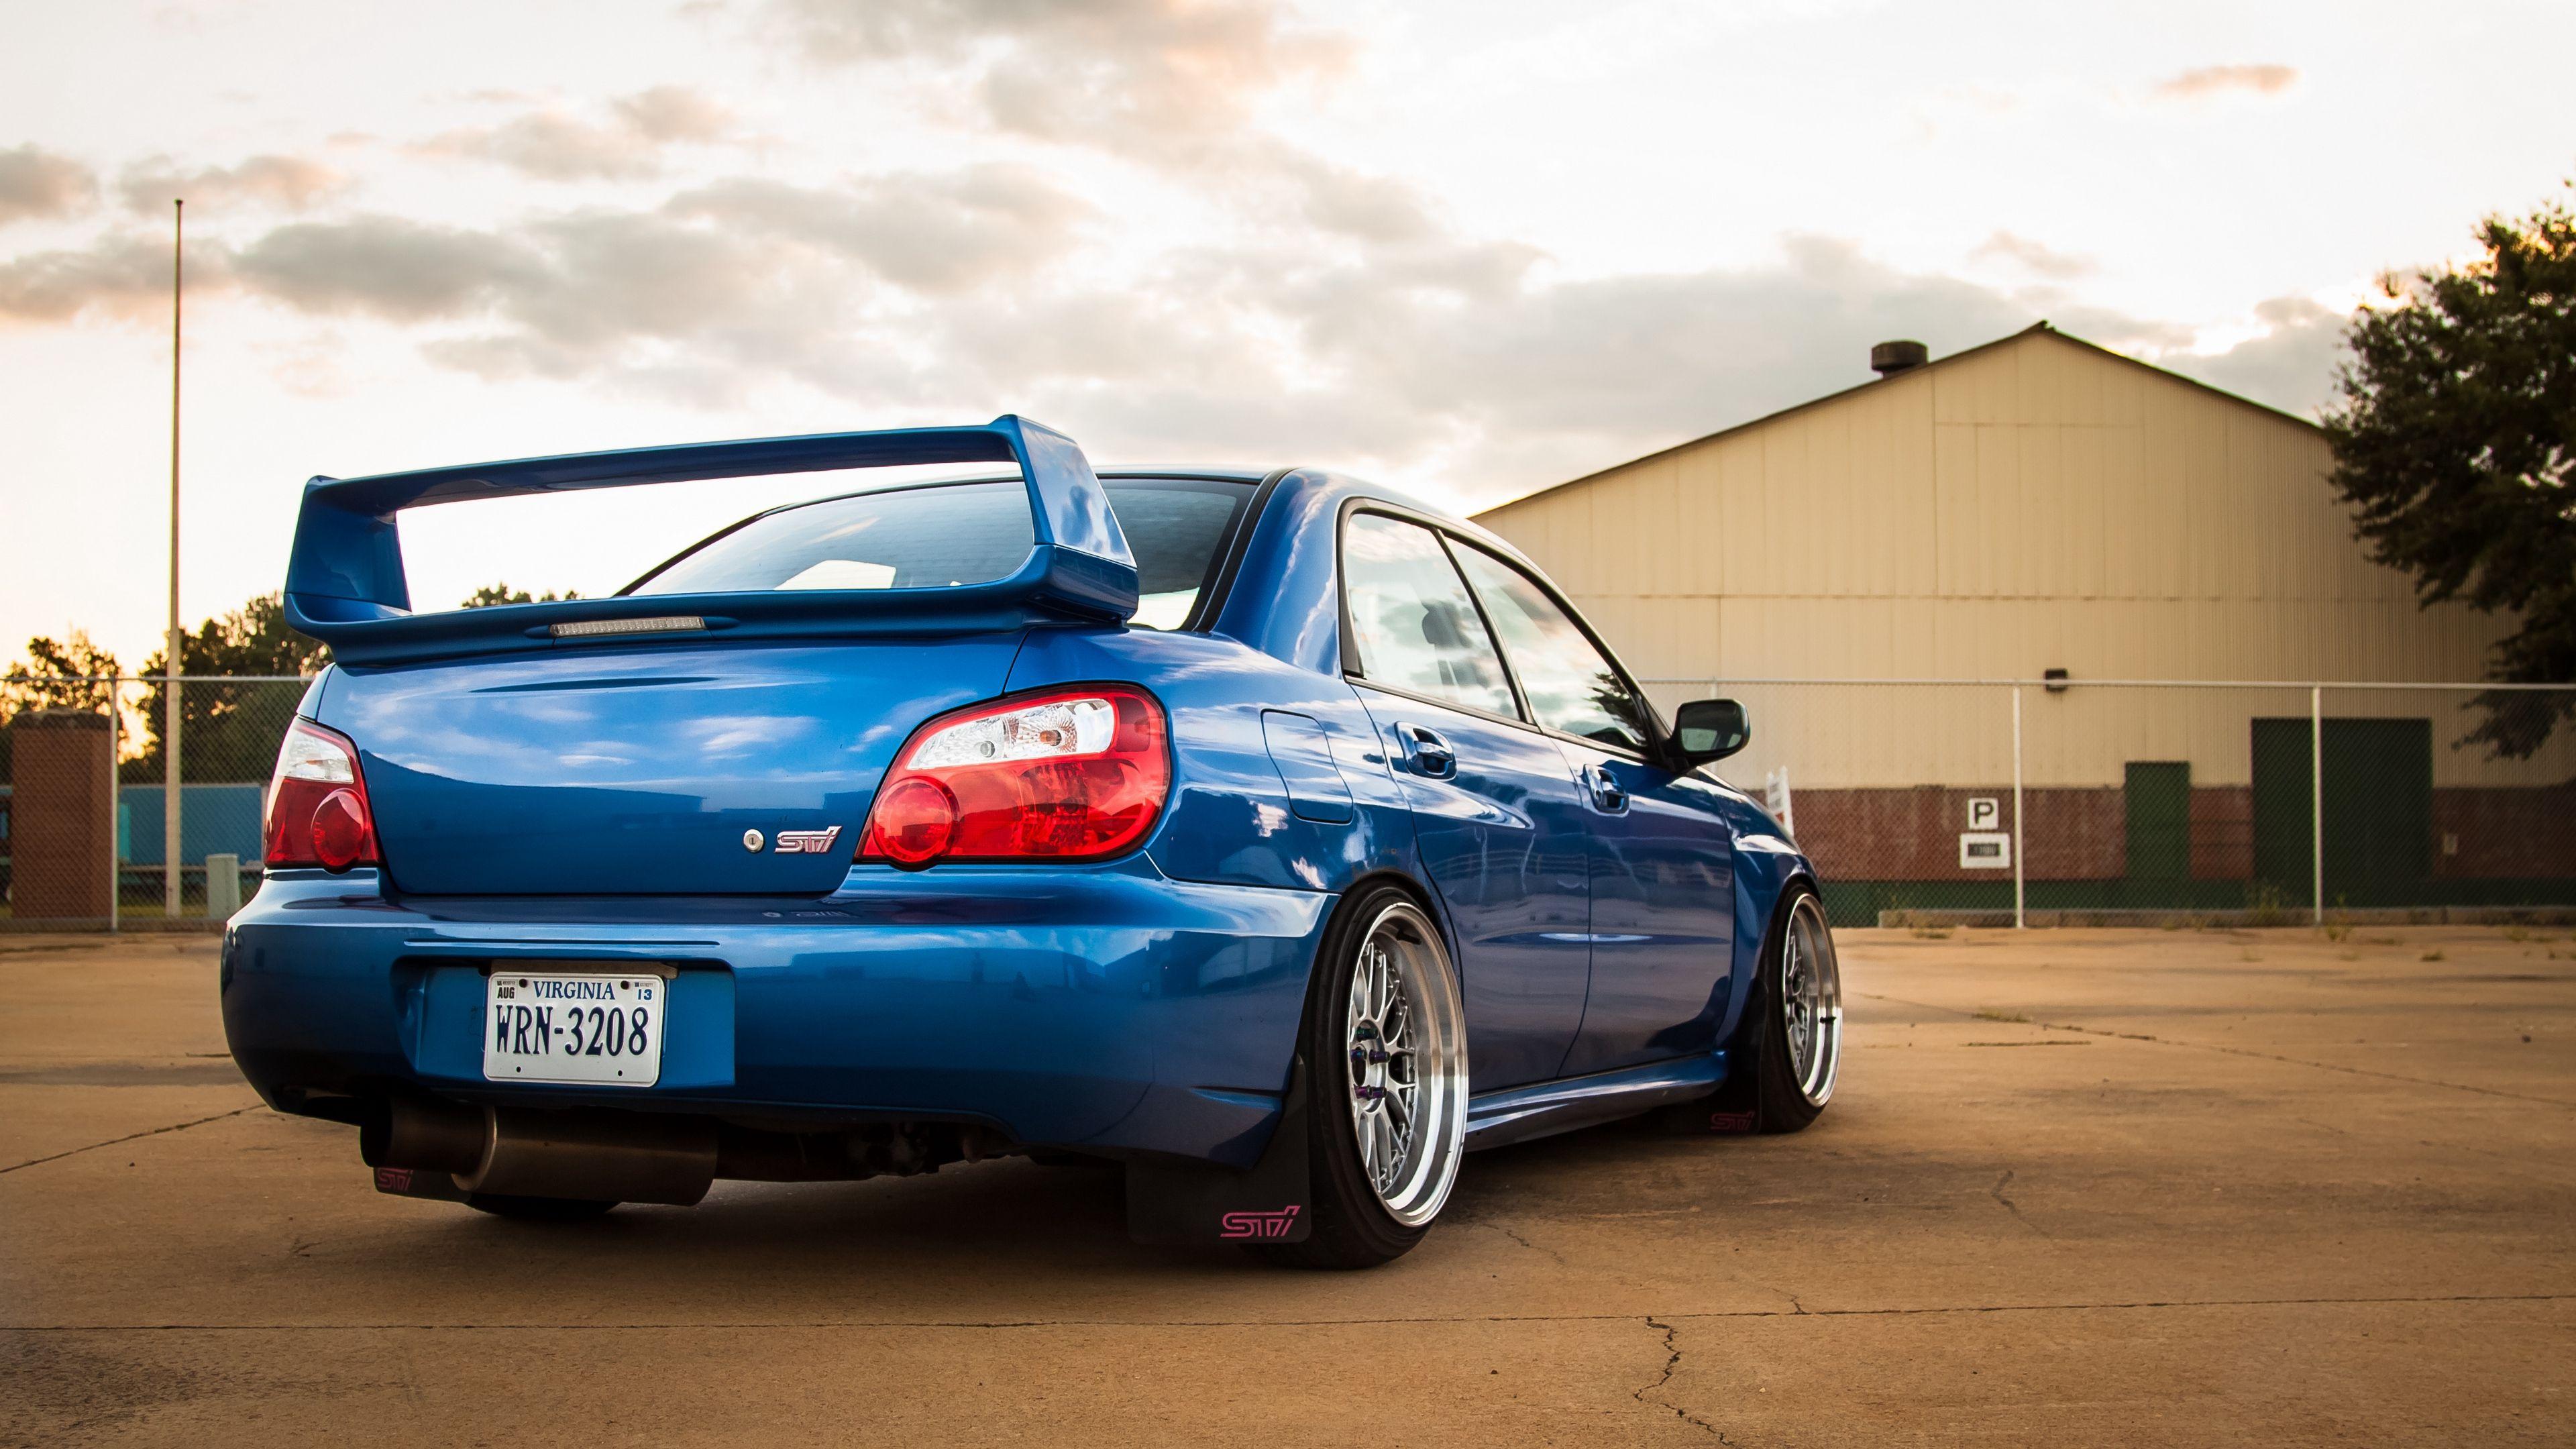 Subaru Impreza Wrx Sti Blue Rear View 4k Wrx Subaru Impreza Wrx Subaru Impreza